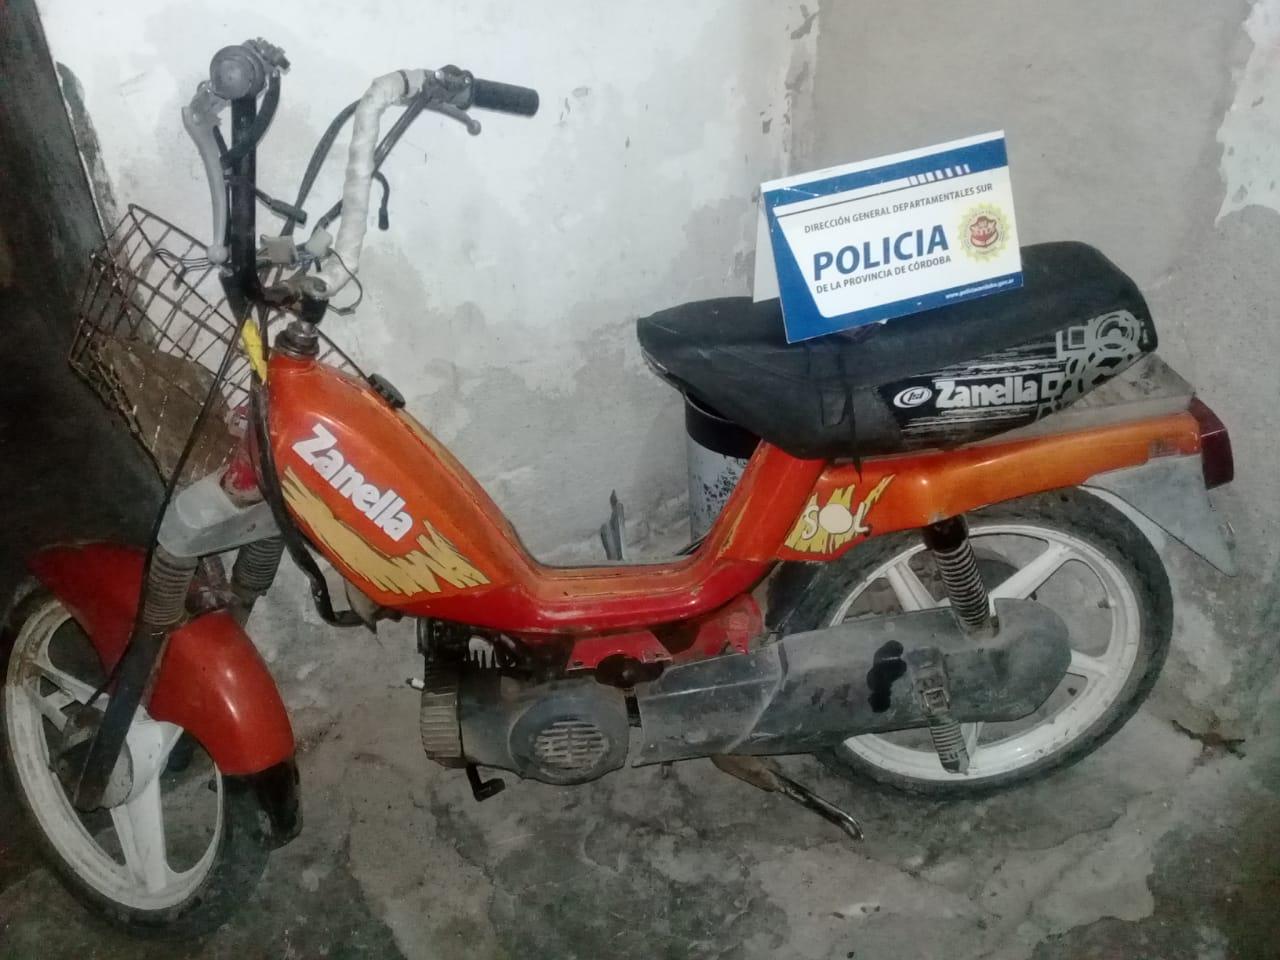 Motocicleta Zanella del detenido en Laborde